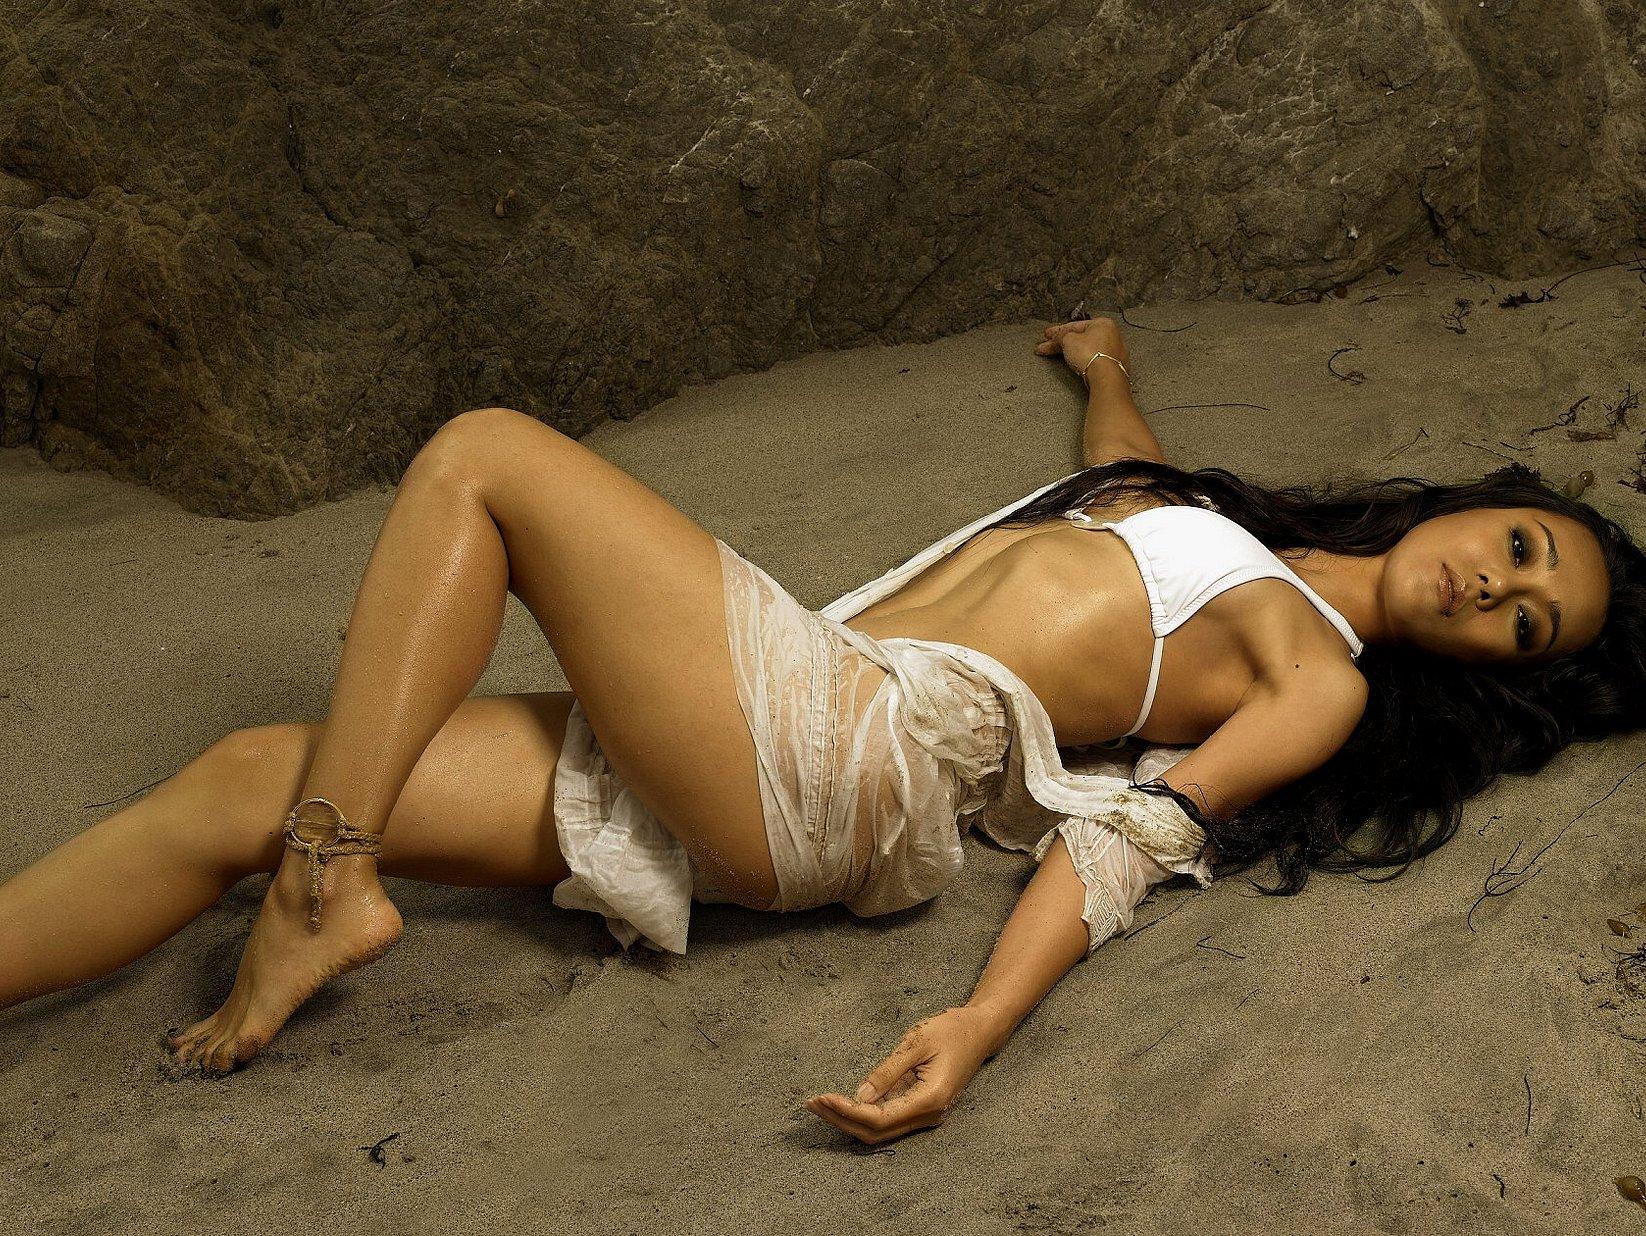 https://pics.wikifeet.com/Yunjin-Kim-Feet-599812.jpg